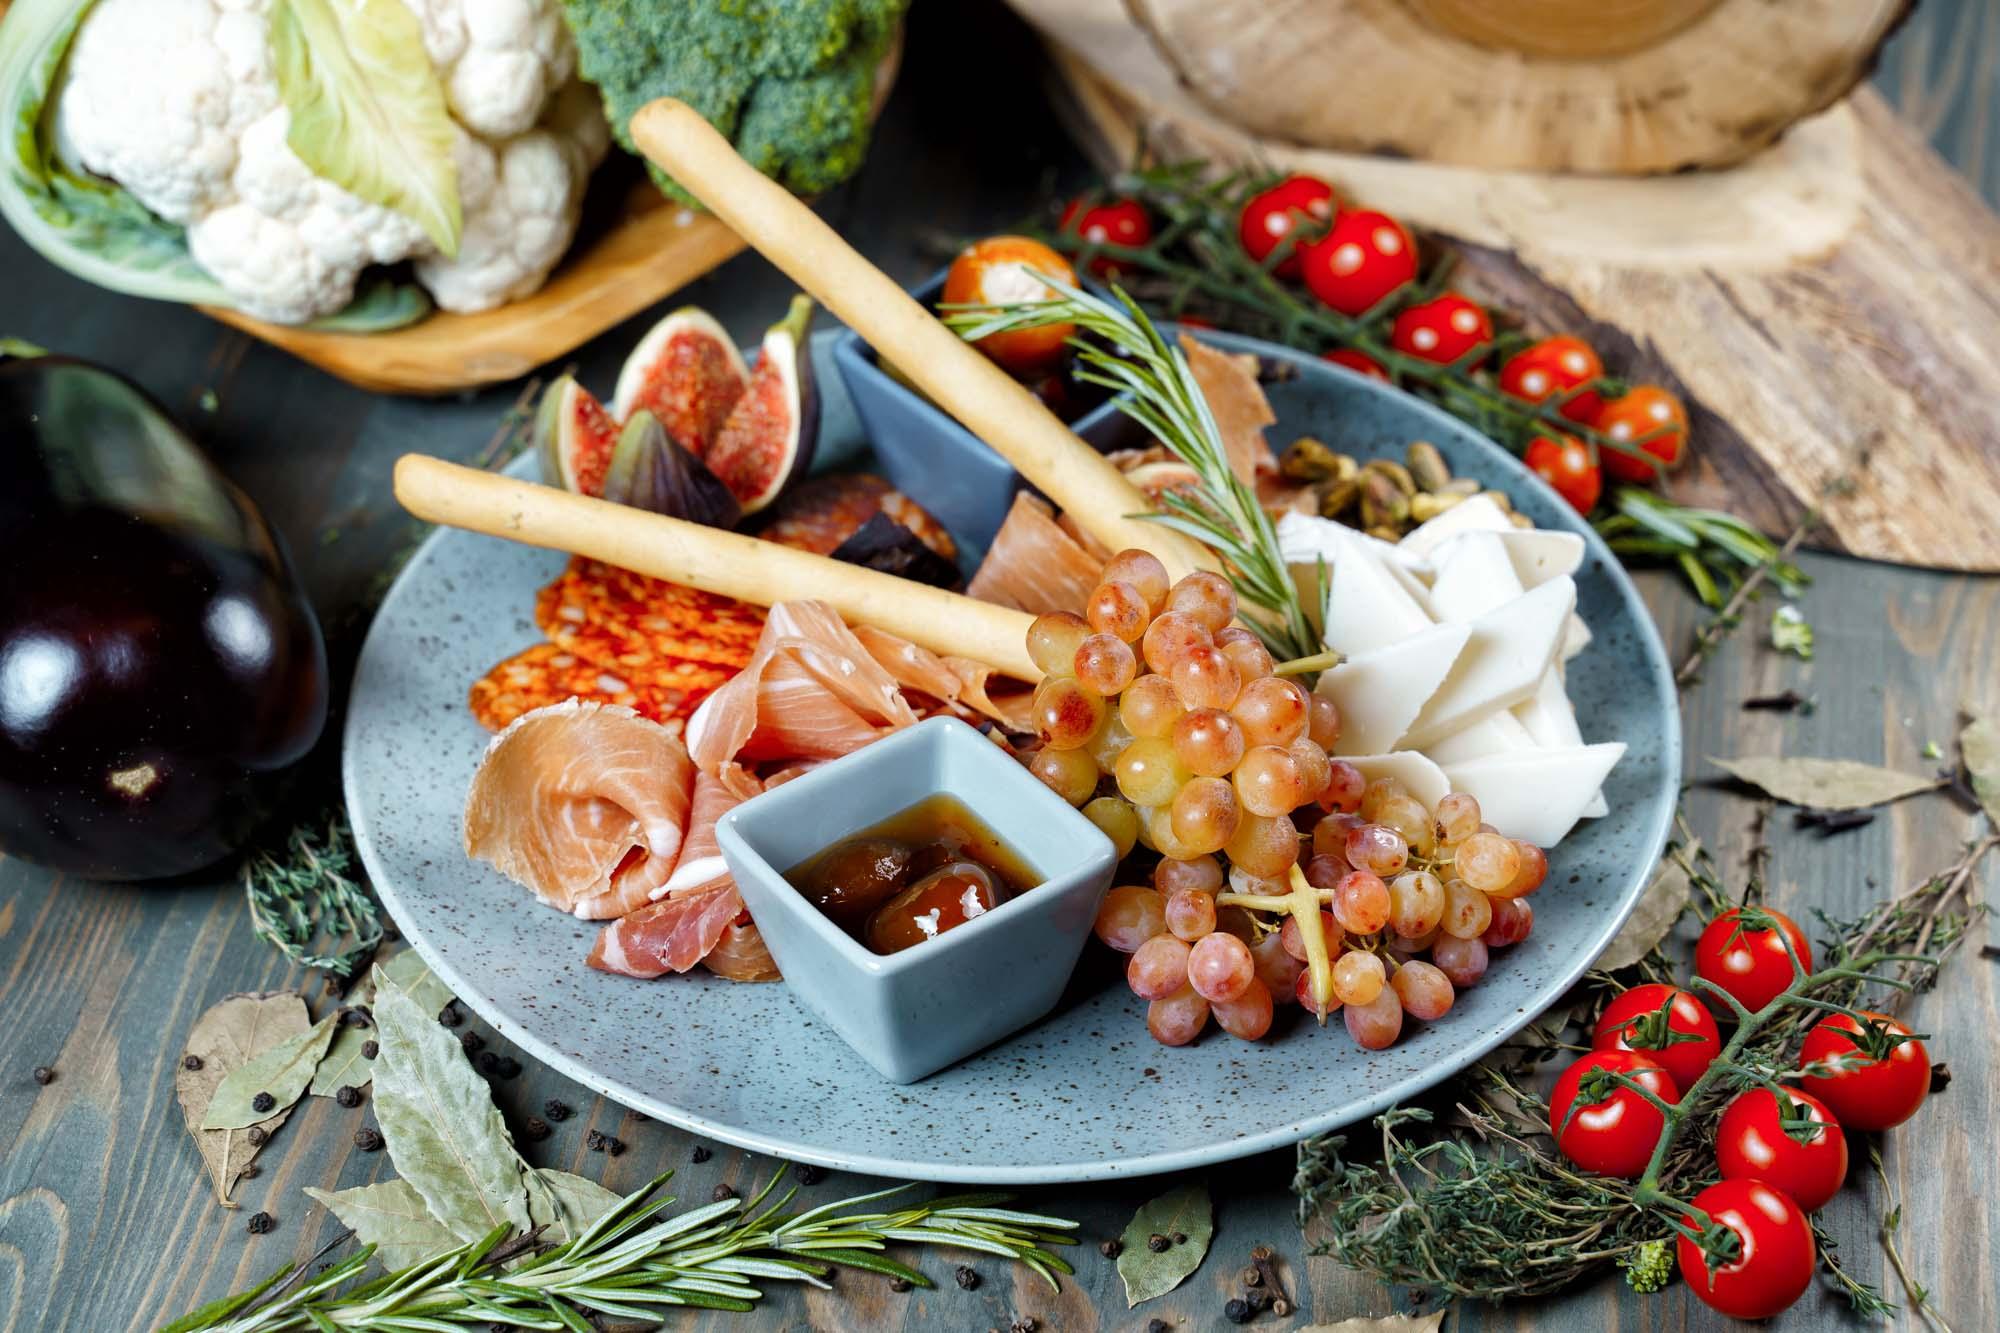 СЕТ №42 Антипасти (окорок сыровяленый, чоризо, благородный сыр, персиковое варенье, гриссини, мед, виноград, оливки) 500 гр